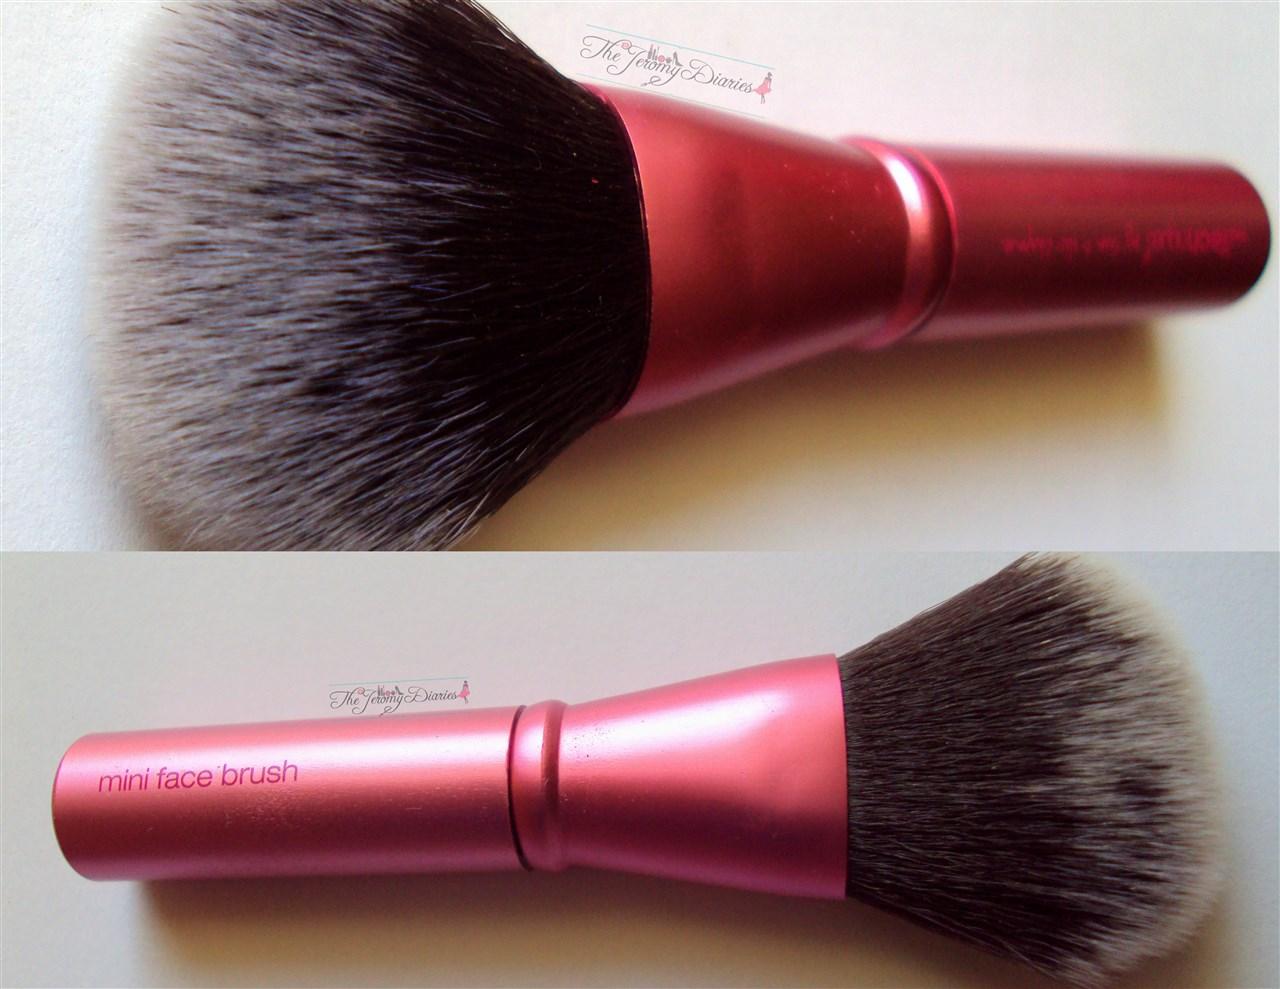 Real Techniques Mini Face Brush